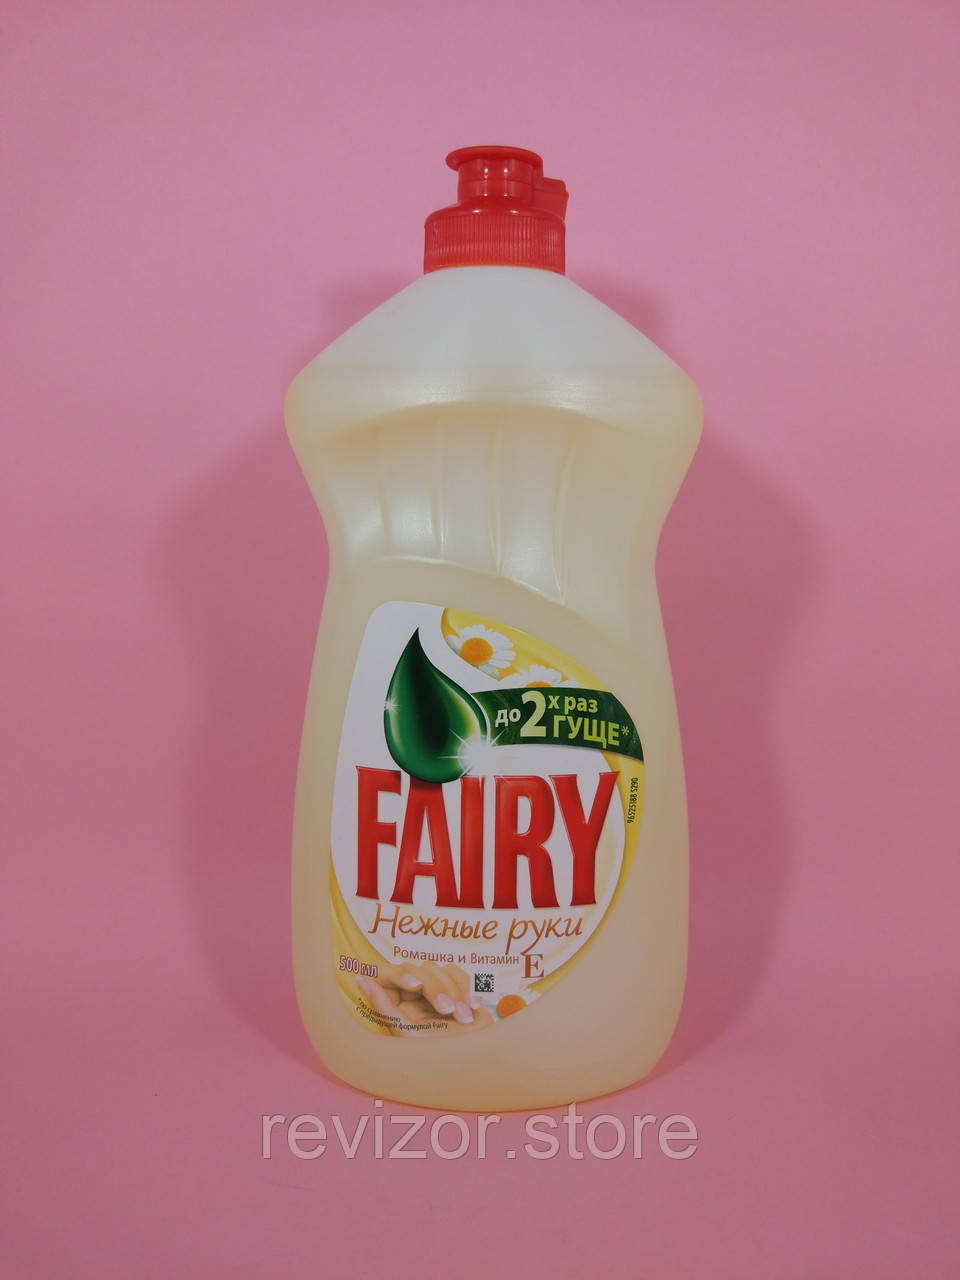 Fairy - Жидкое средство для мытья посуды Нежные руки Ромашка и Витамин Е 500мл